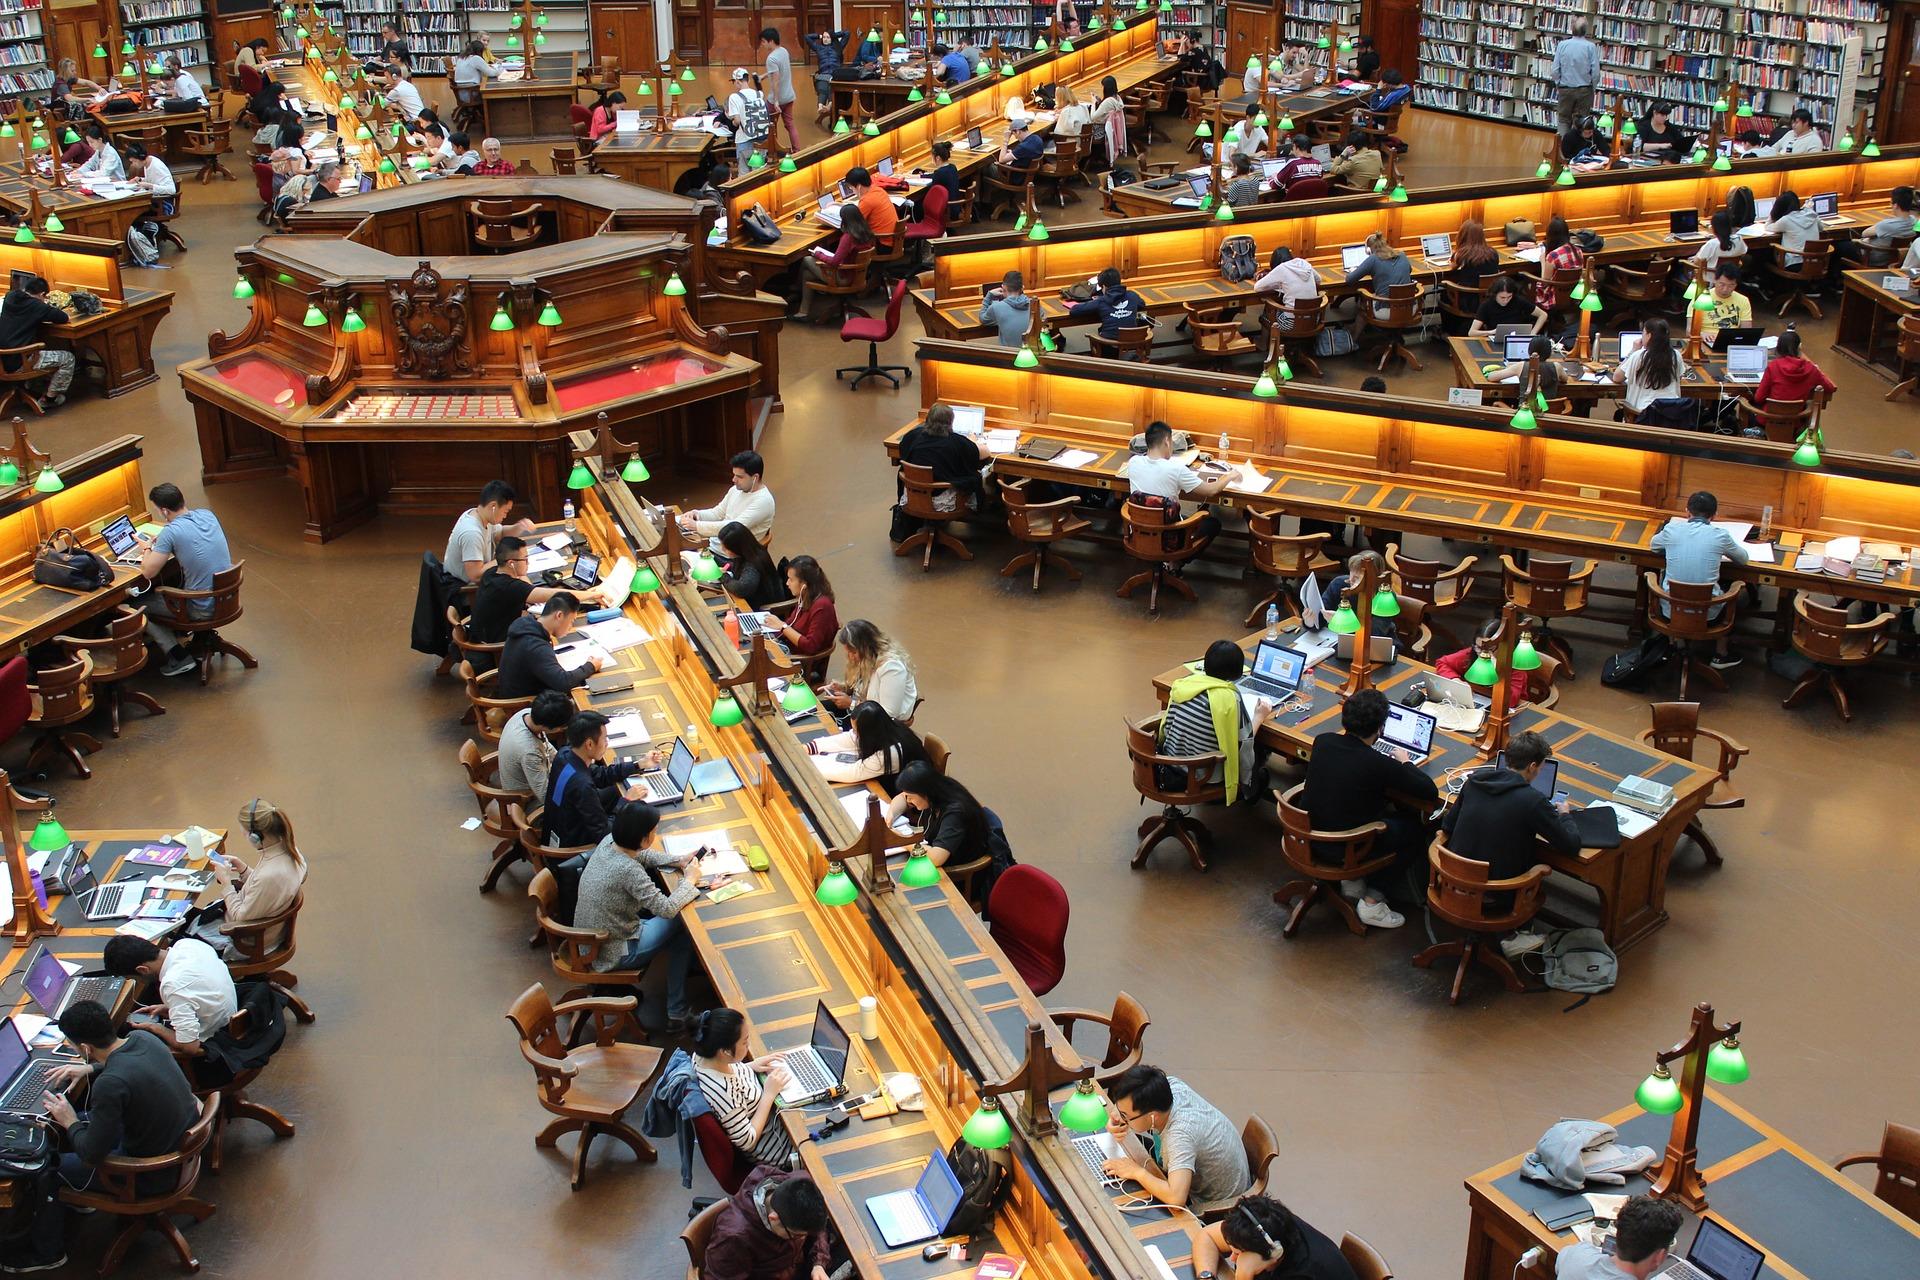 Il potenziamento dell'offerta formativa e l'alternanza scuola-lavoro. Le buone pratiche